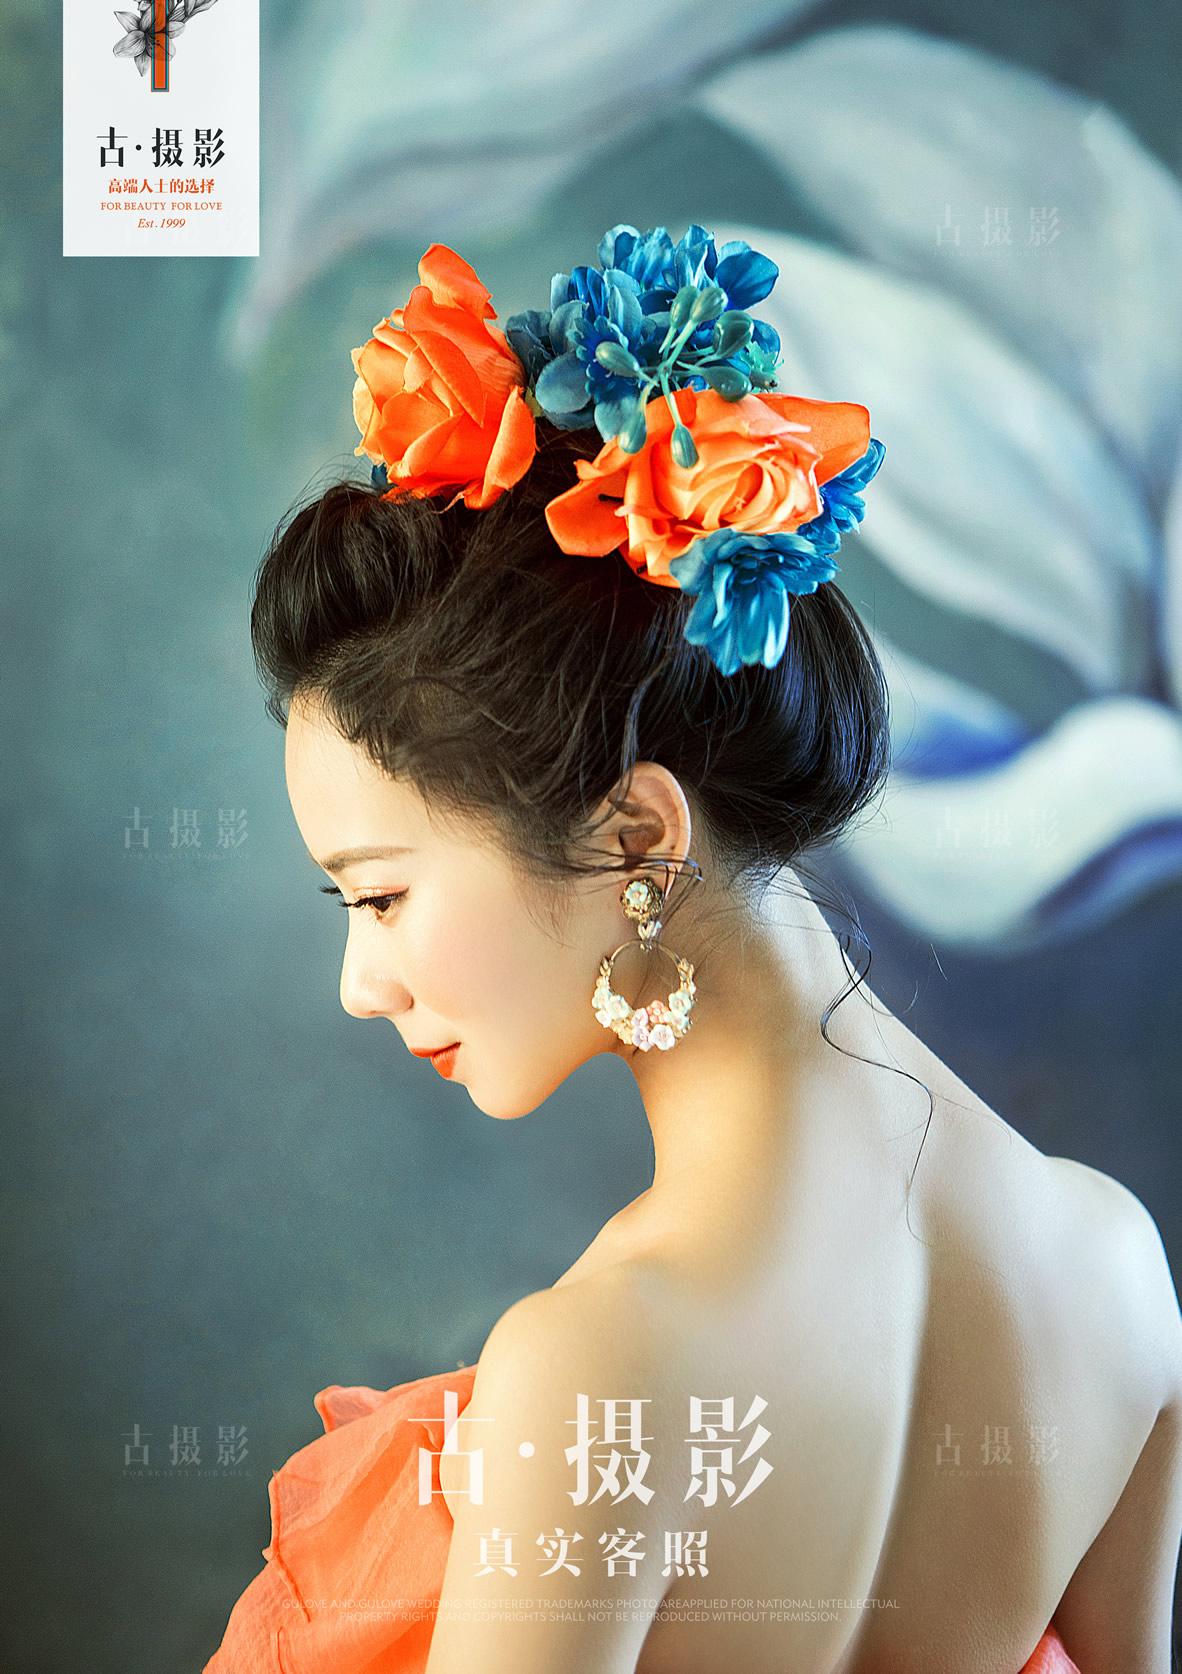 9月21日客片赵先生 杨小姐 - 每日客照 - love昆明古摄影-昆明婚纱摄影网